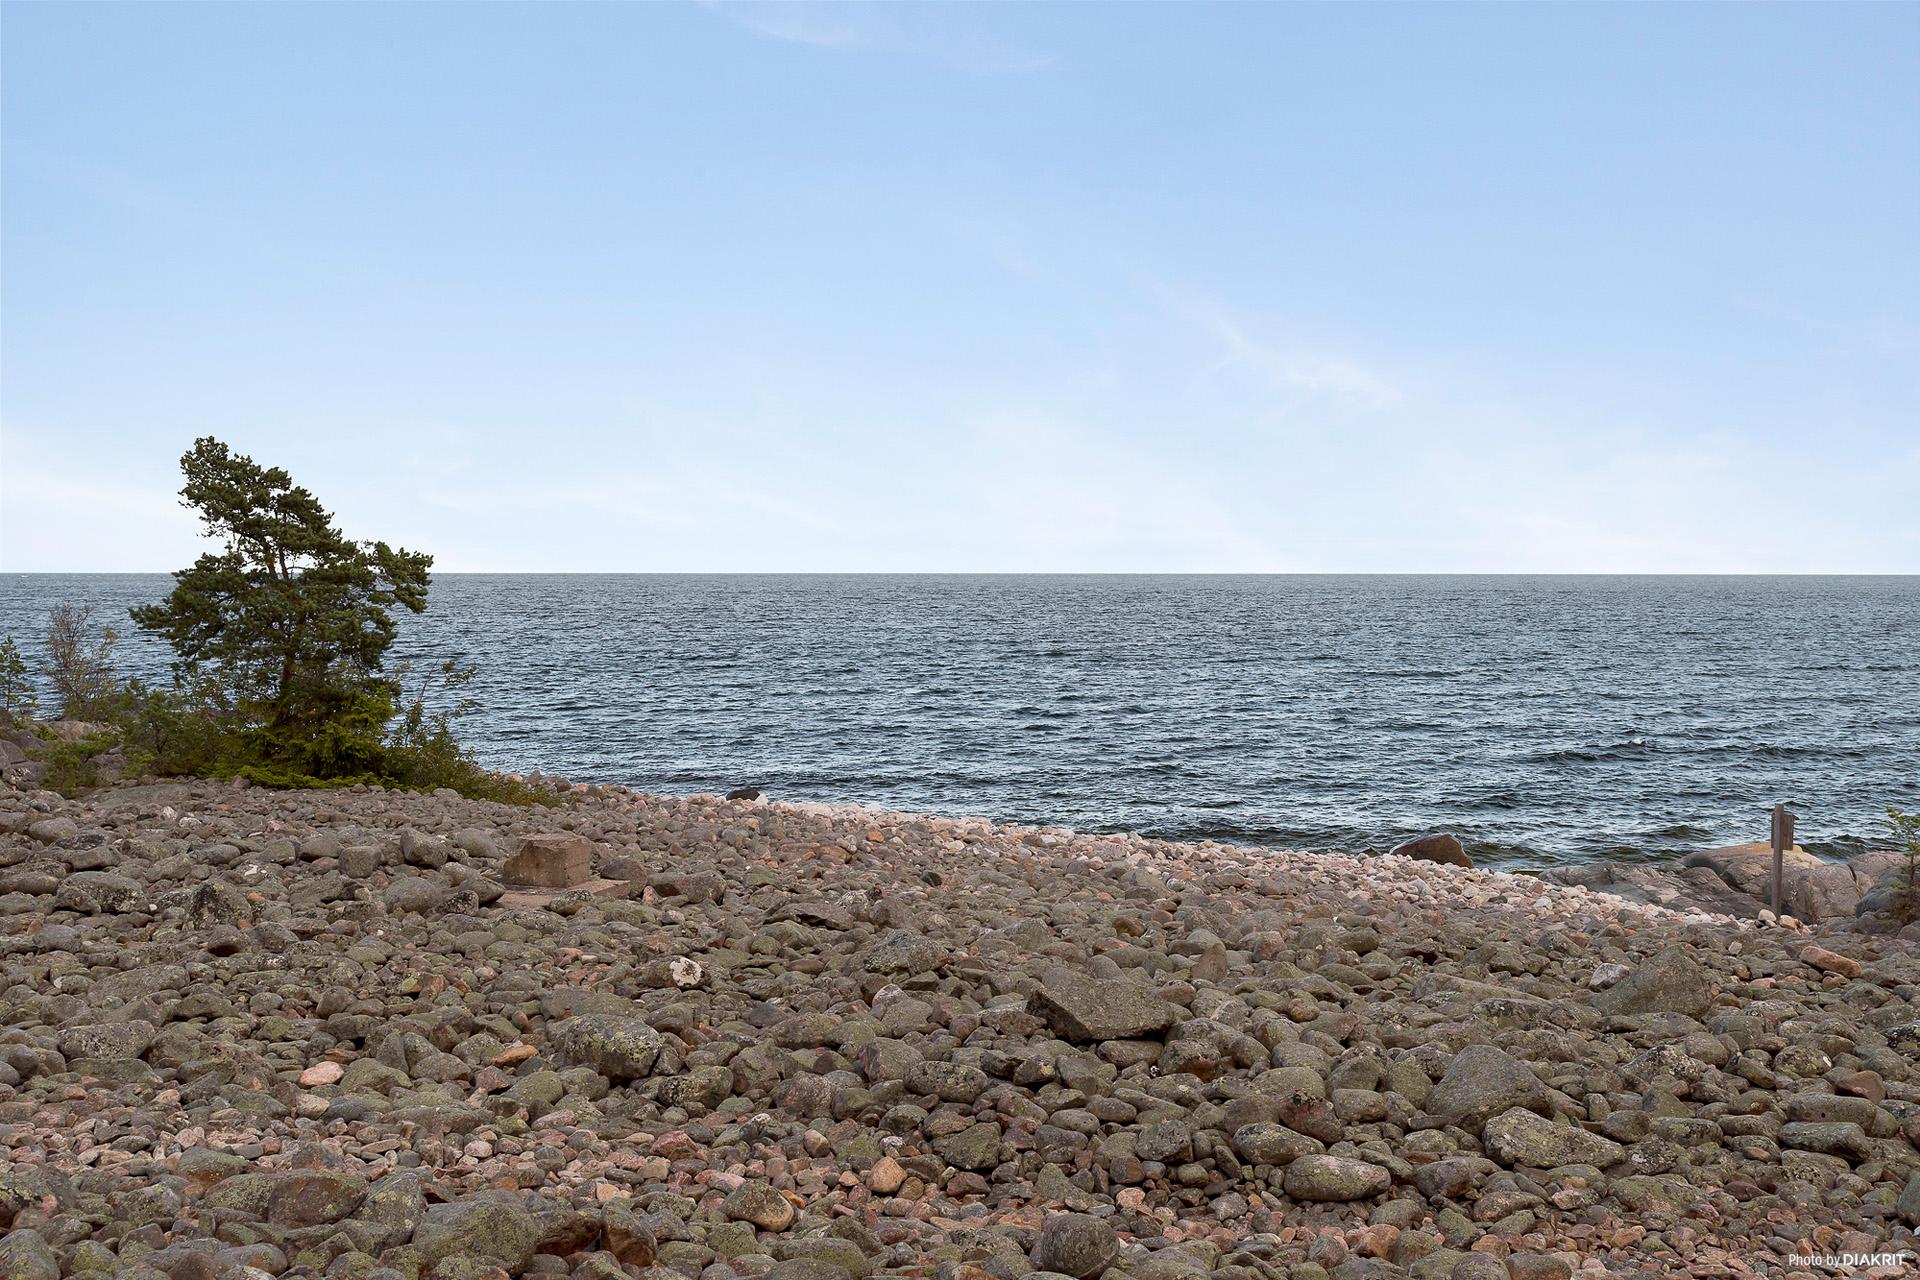 Närbelägen stenstrand vid Ålands hav